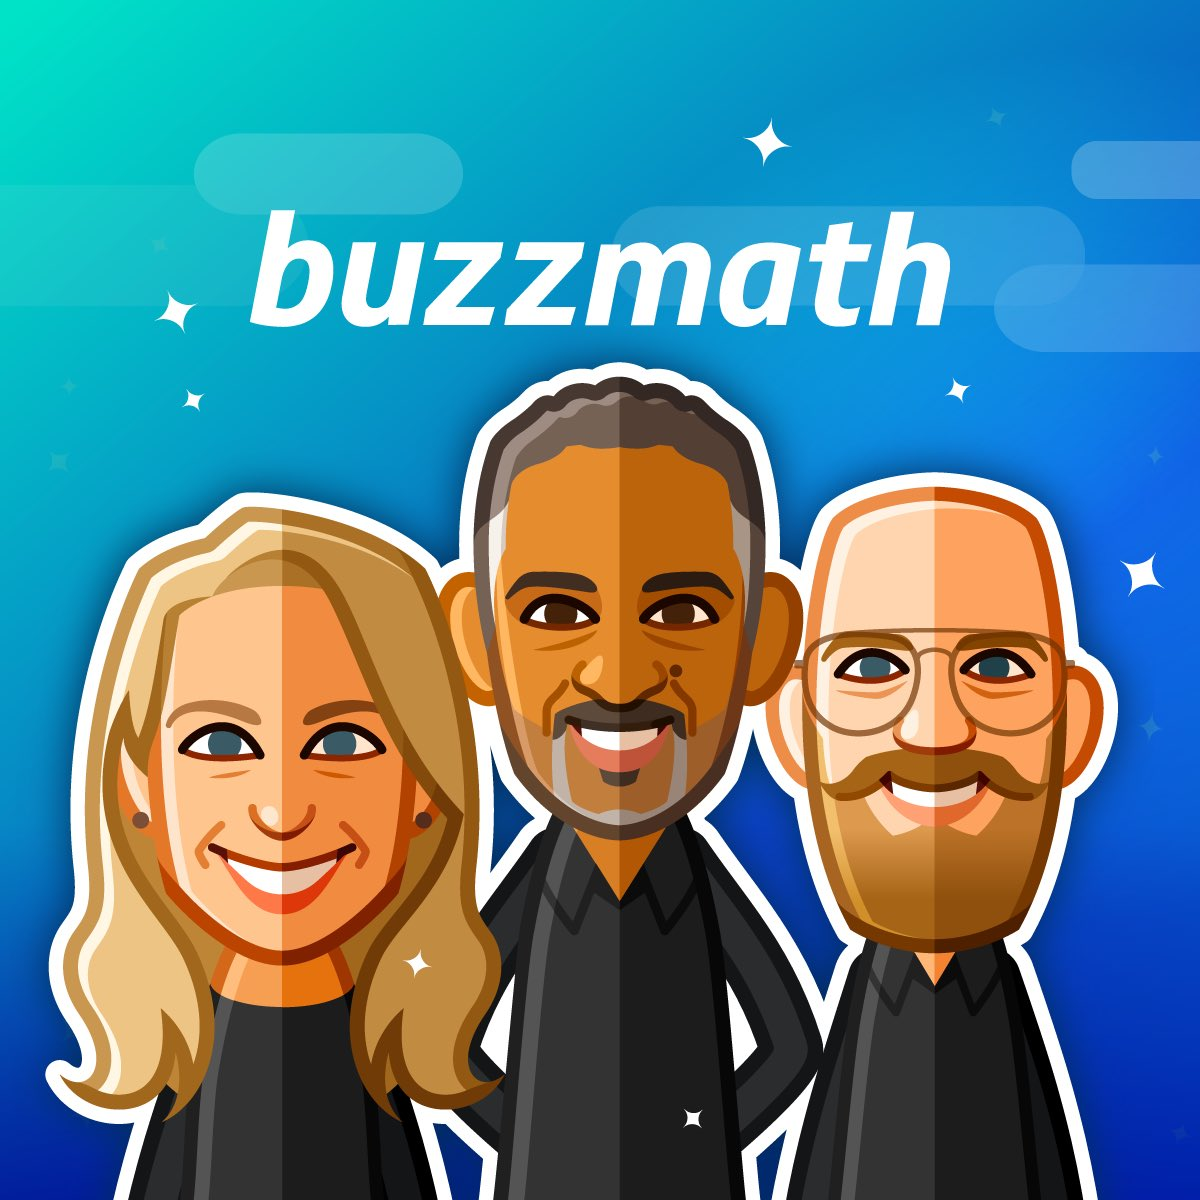 Buzzmath (@Buzzmath) | Twitter